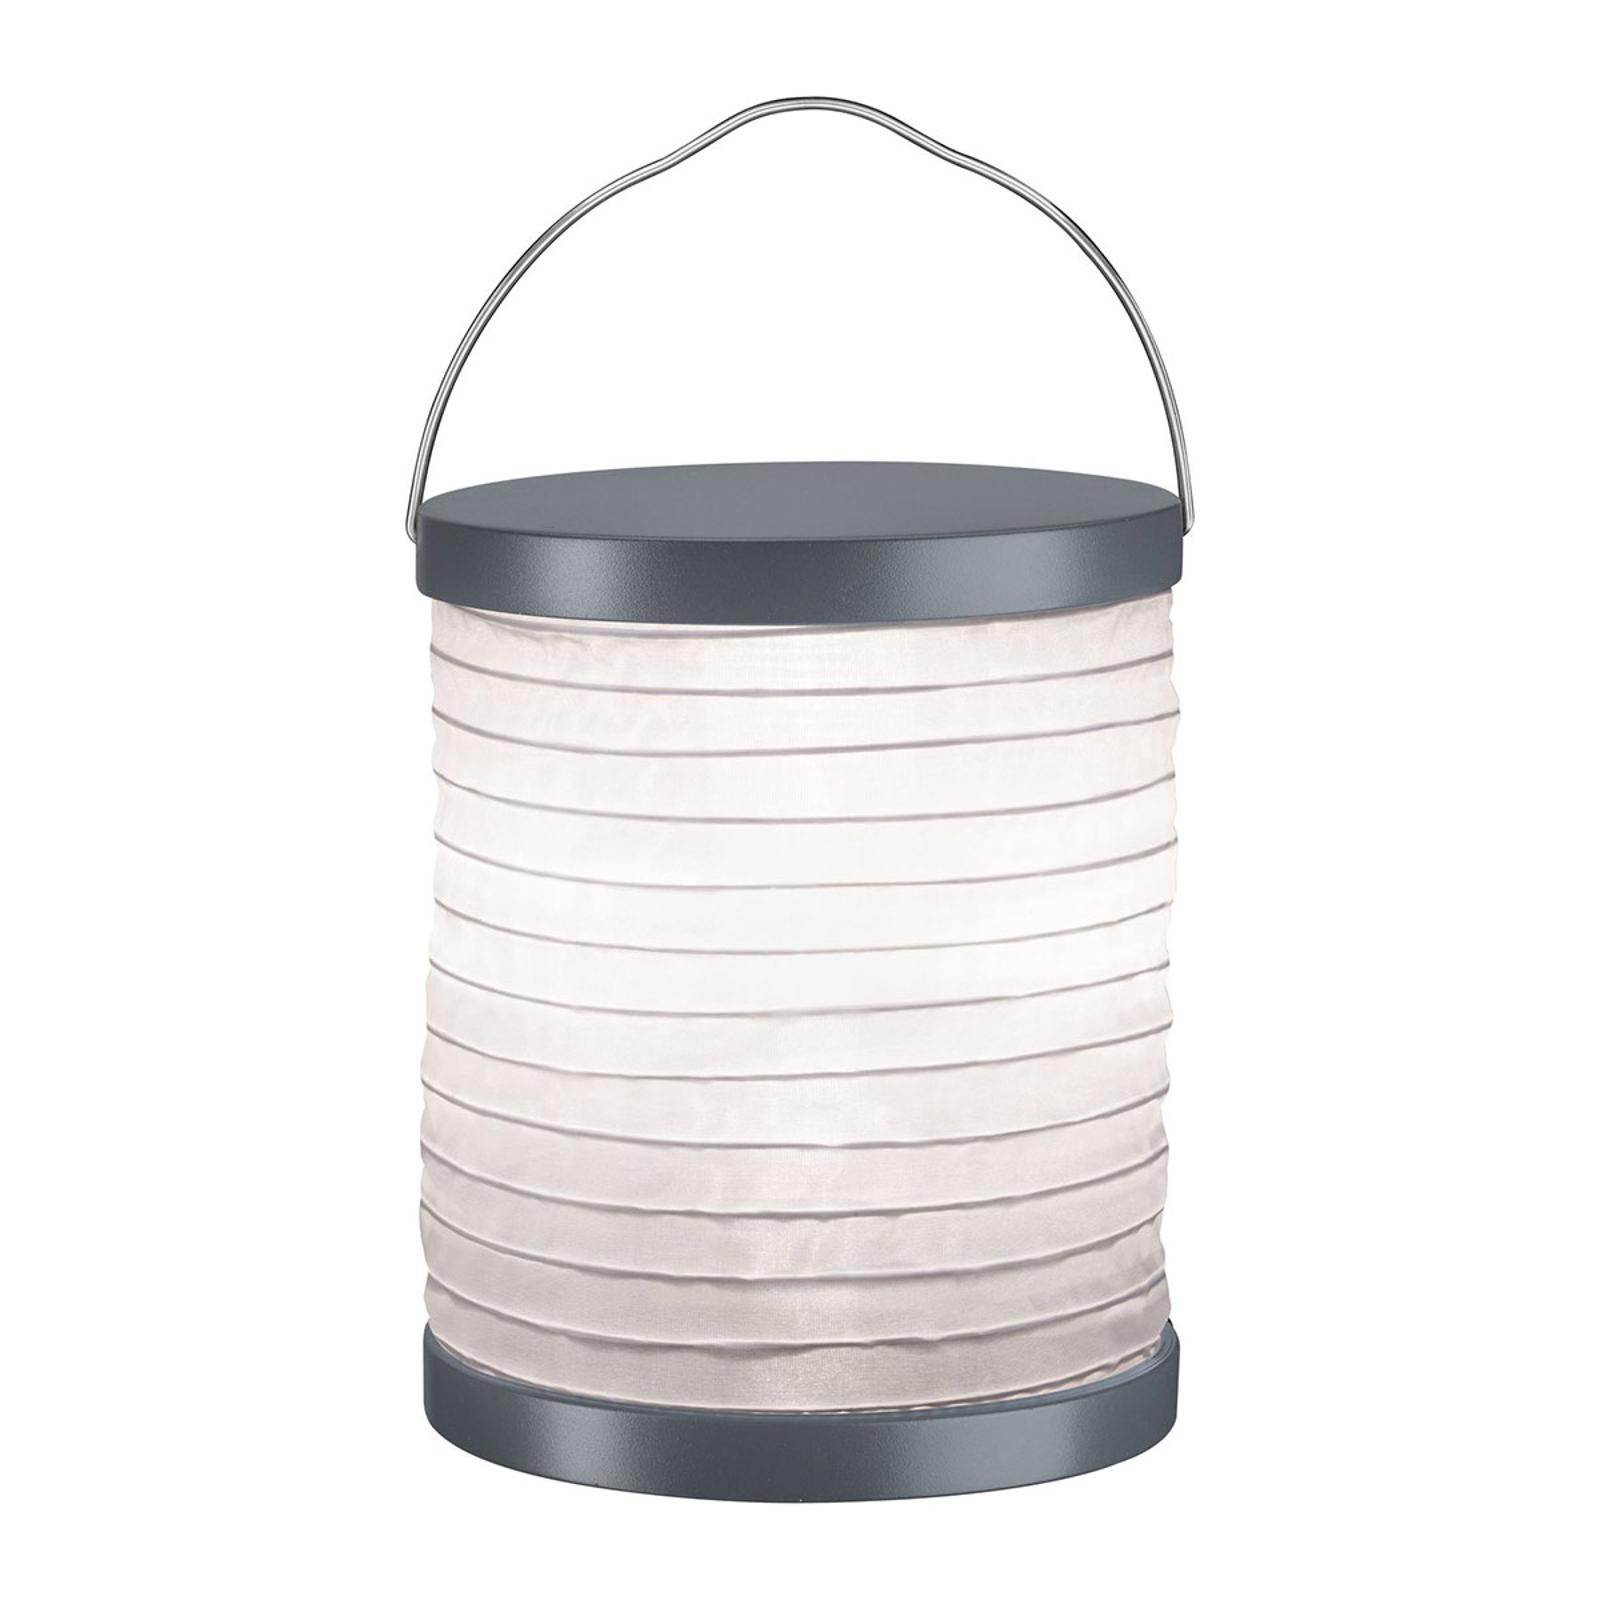 Paulmann Mobile Lampion da tavolo grigia, batteria Illuminazione per interni